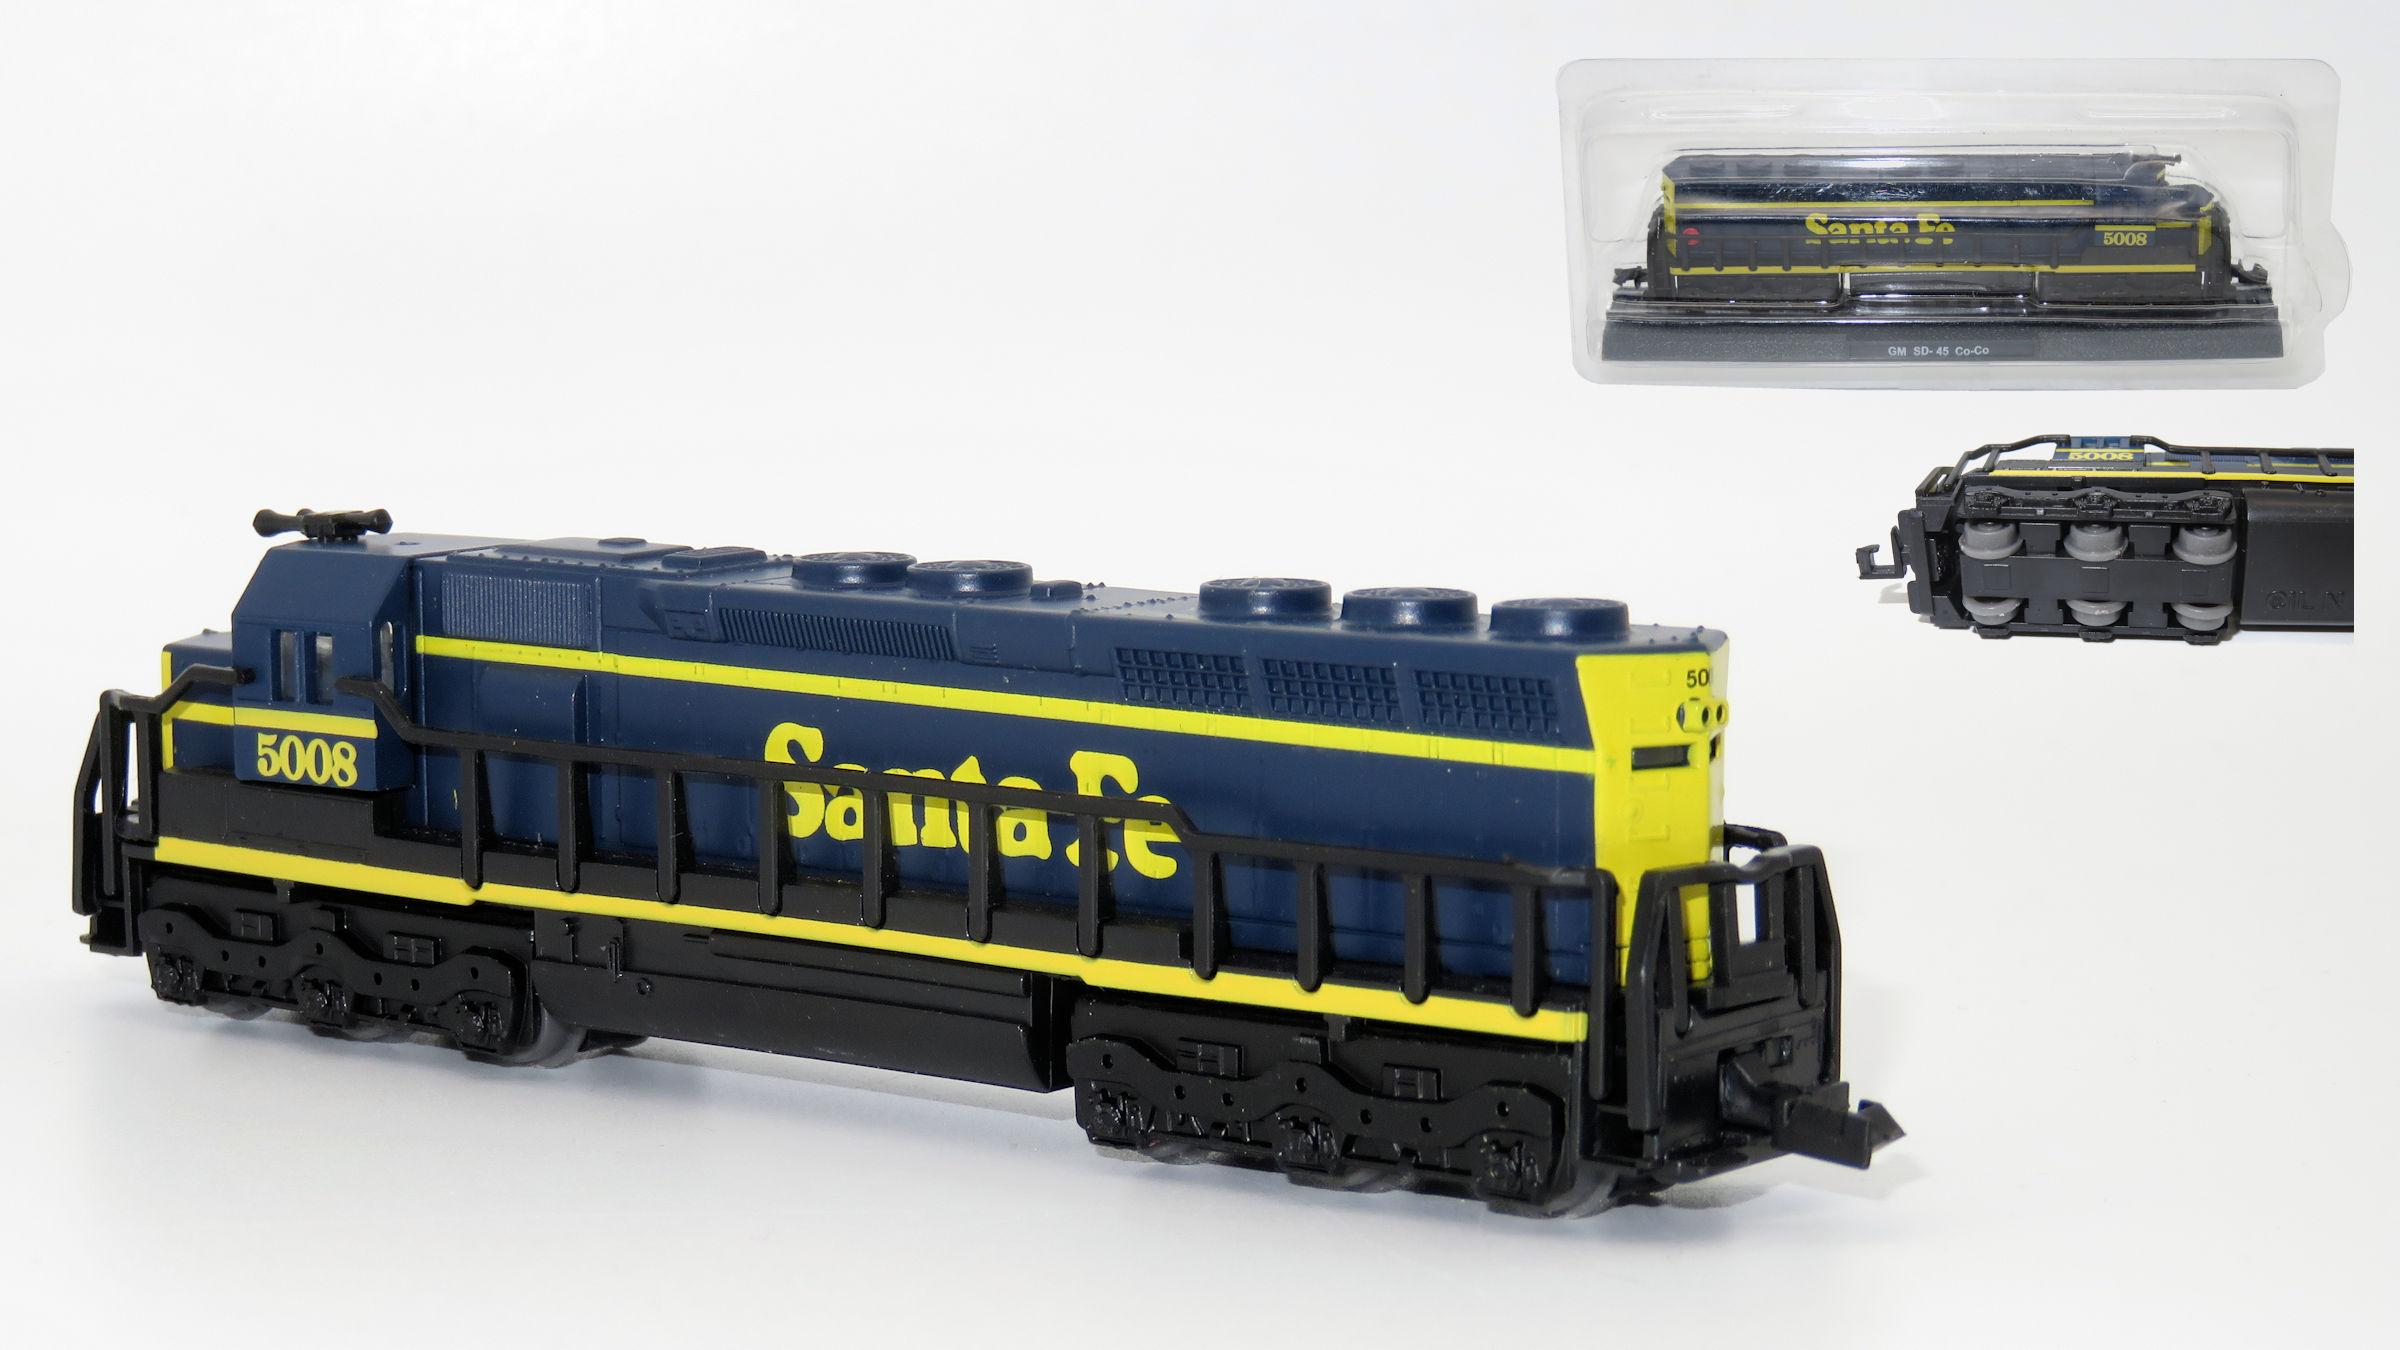 N Scale - Club Internacional del Libro (CIL) - 6 - Locomotive, Diesel, EMD SD45 - Santa Fe - 5008